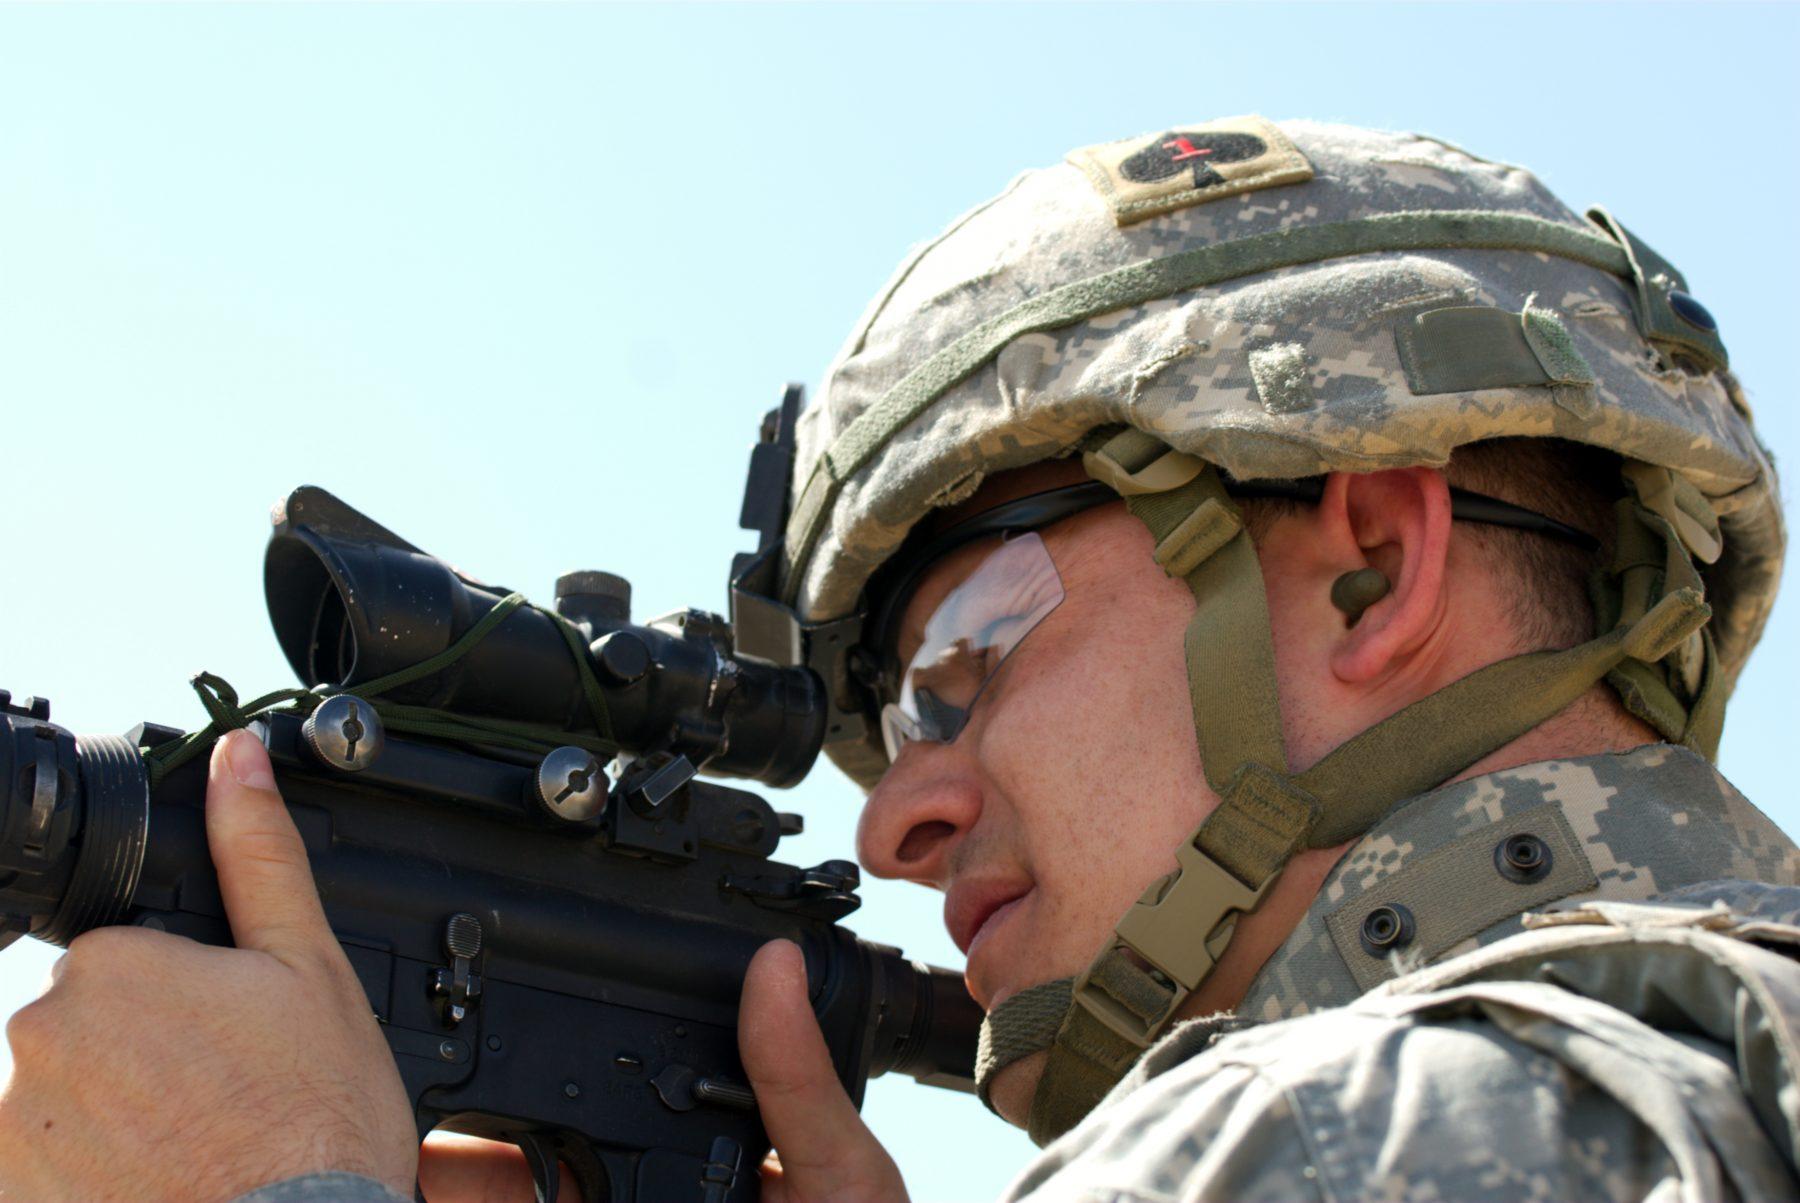 A man in combat wearing earplugs.